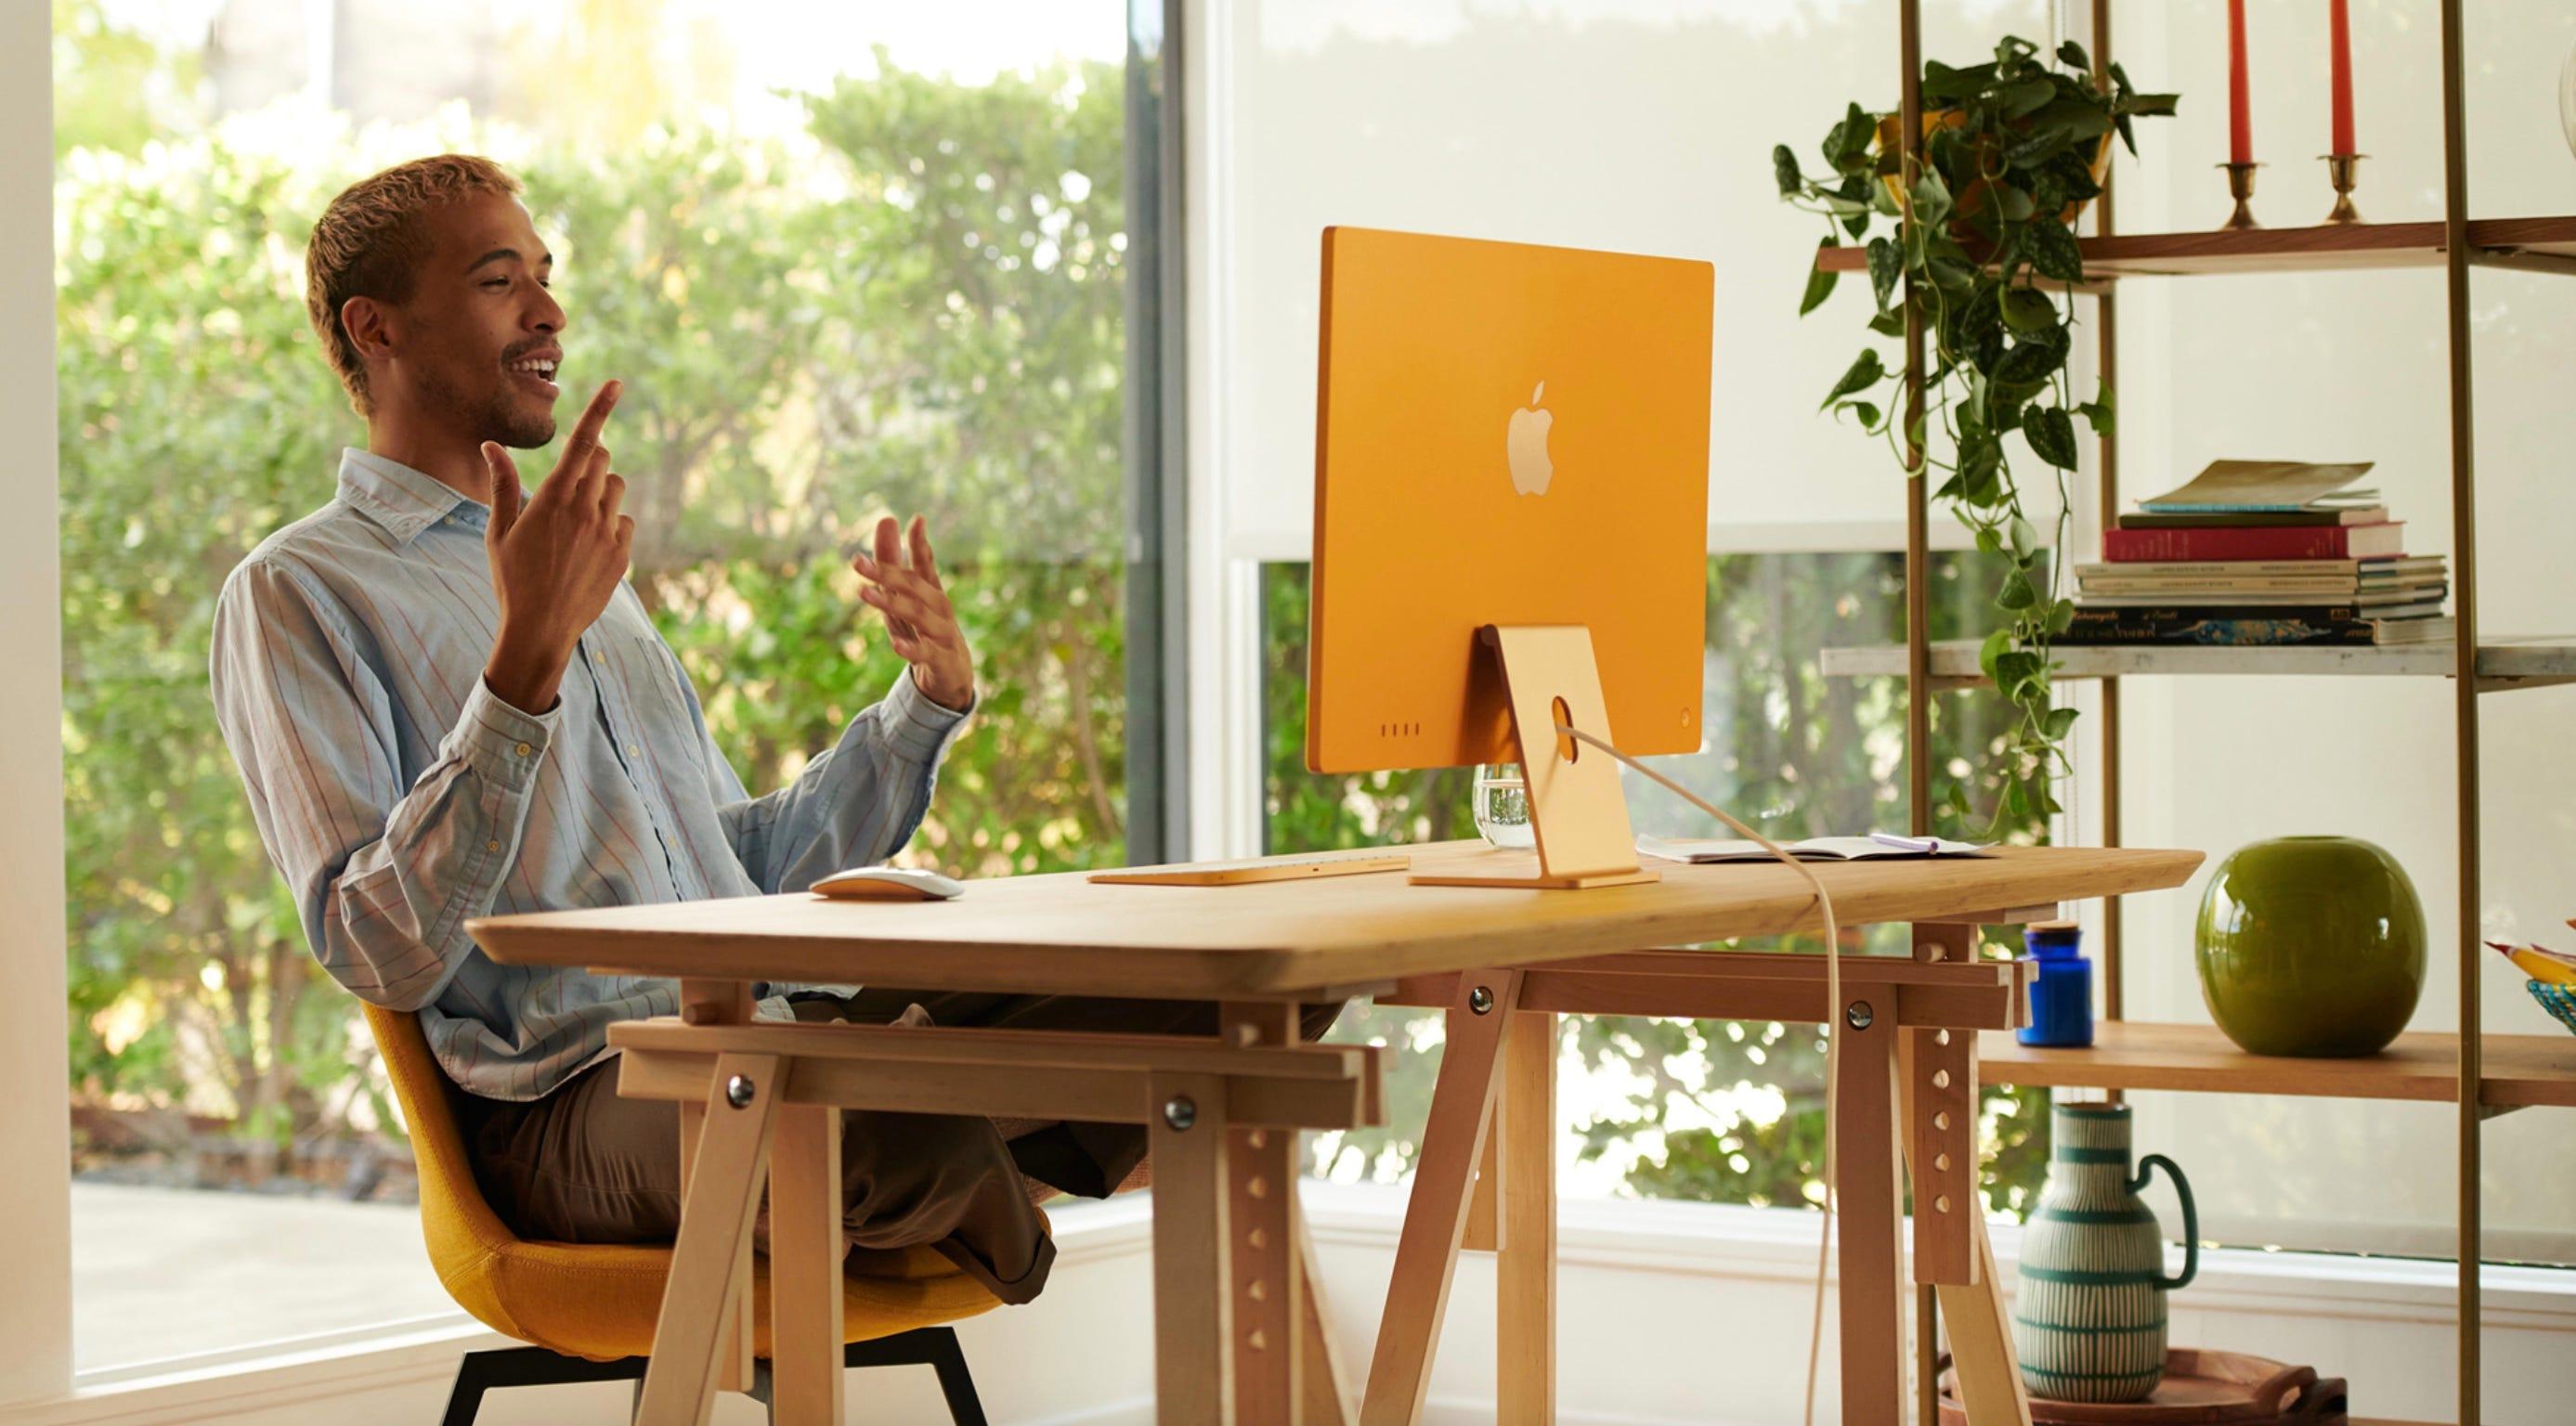 Orange 2021 iMac